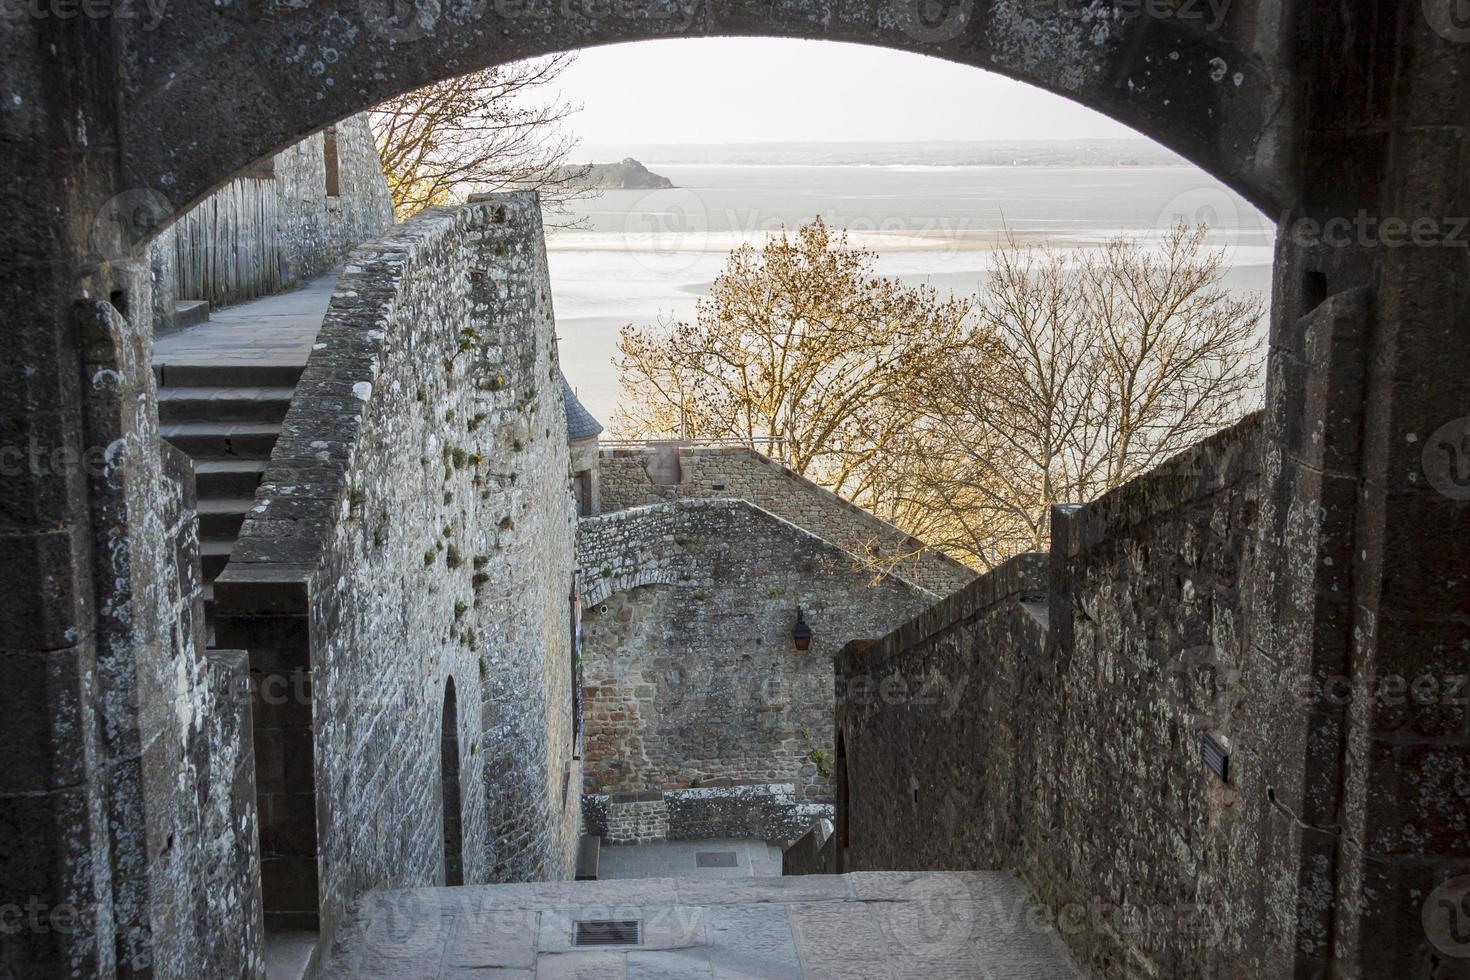 Fragment eines Dorfes unter dem Kloster auf dem Berg Saint Michel. foto